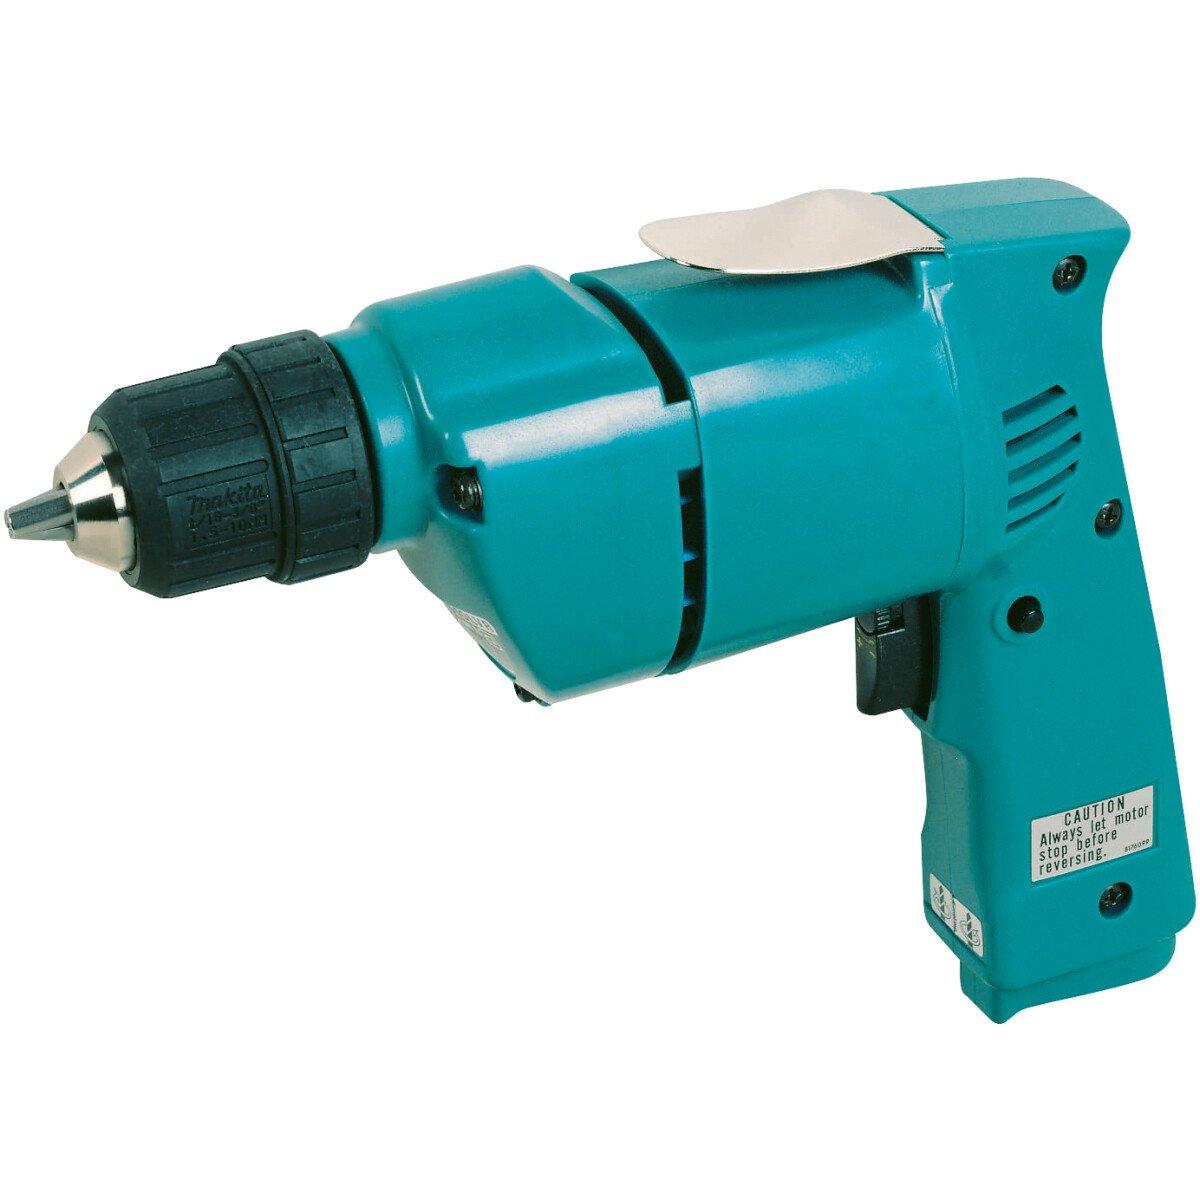 Makita 6510LVR 110Volt Rotary Drill 10mm 300 watt